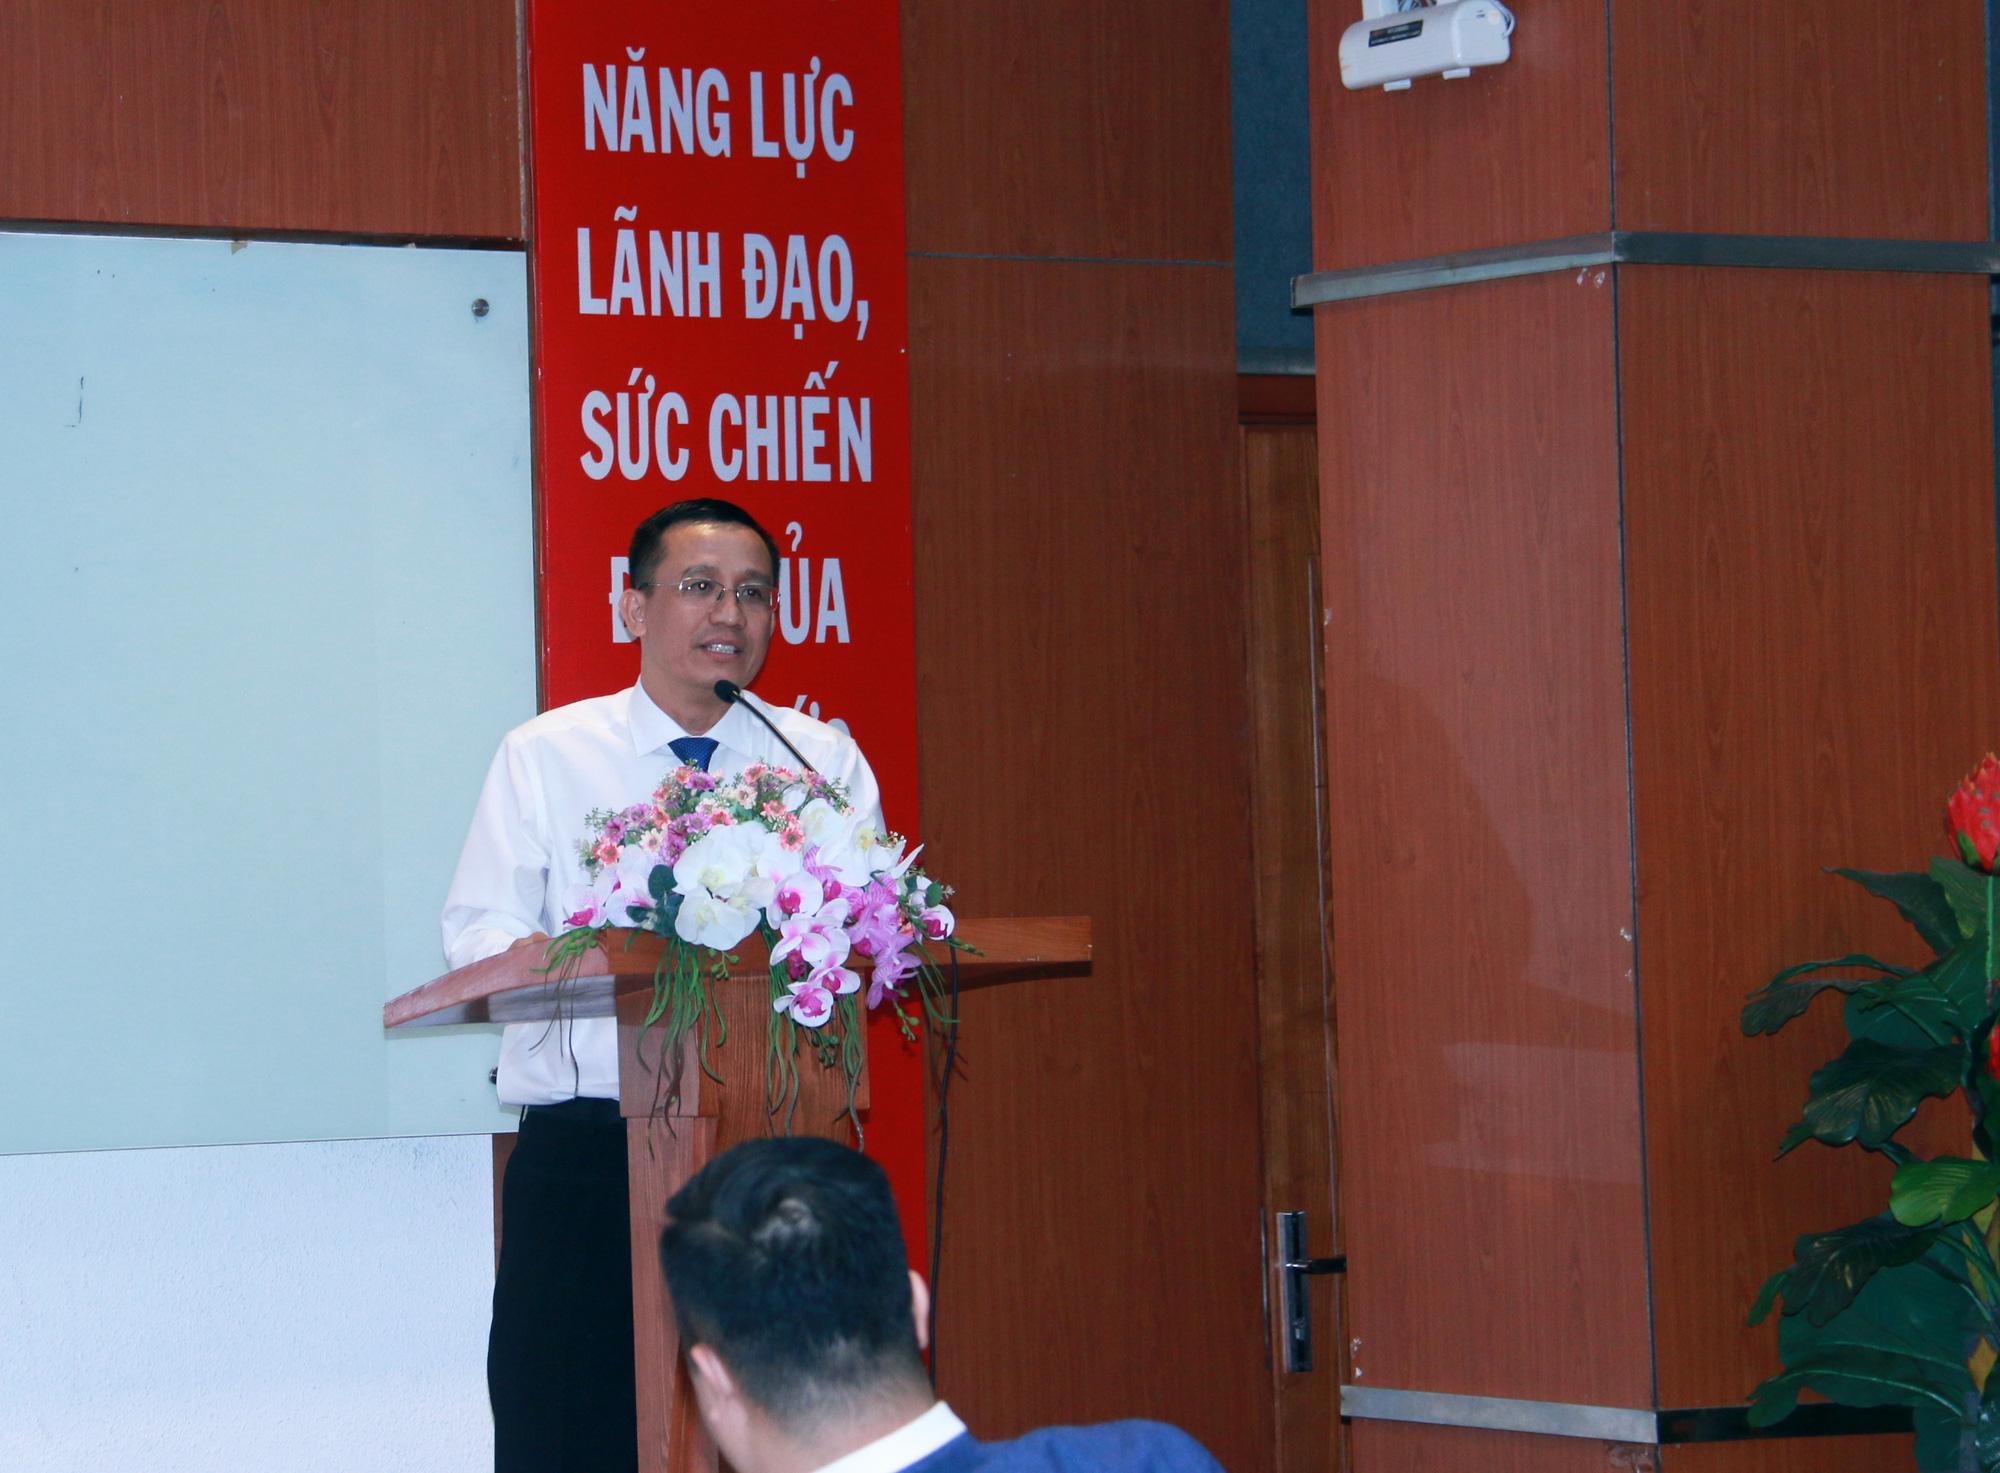 Con đường sự nghiệp hơn 20 năm nghiên cứu, giảng dạy, làm việc tại các ngân hàng trong và ngoài nước của Tiến sĩ Bùi Quang Tín - Ảnh 2.